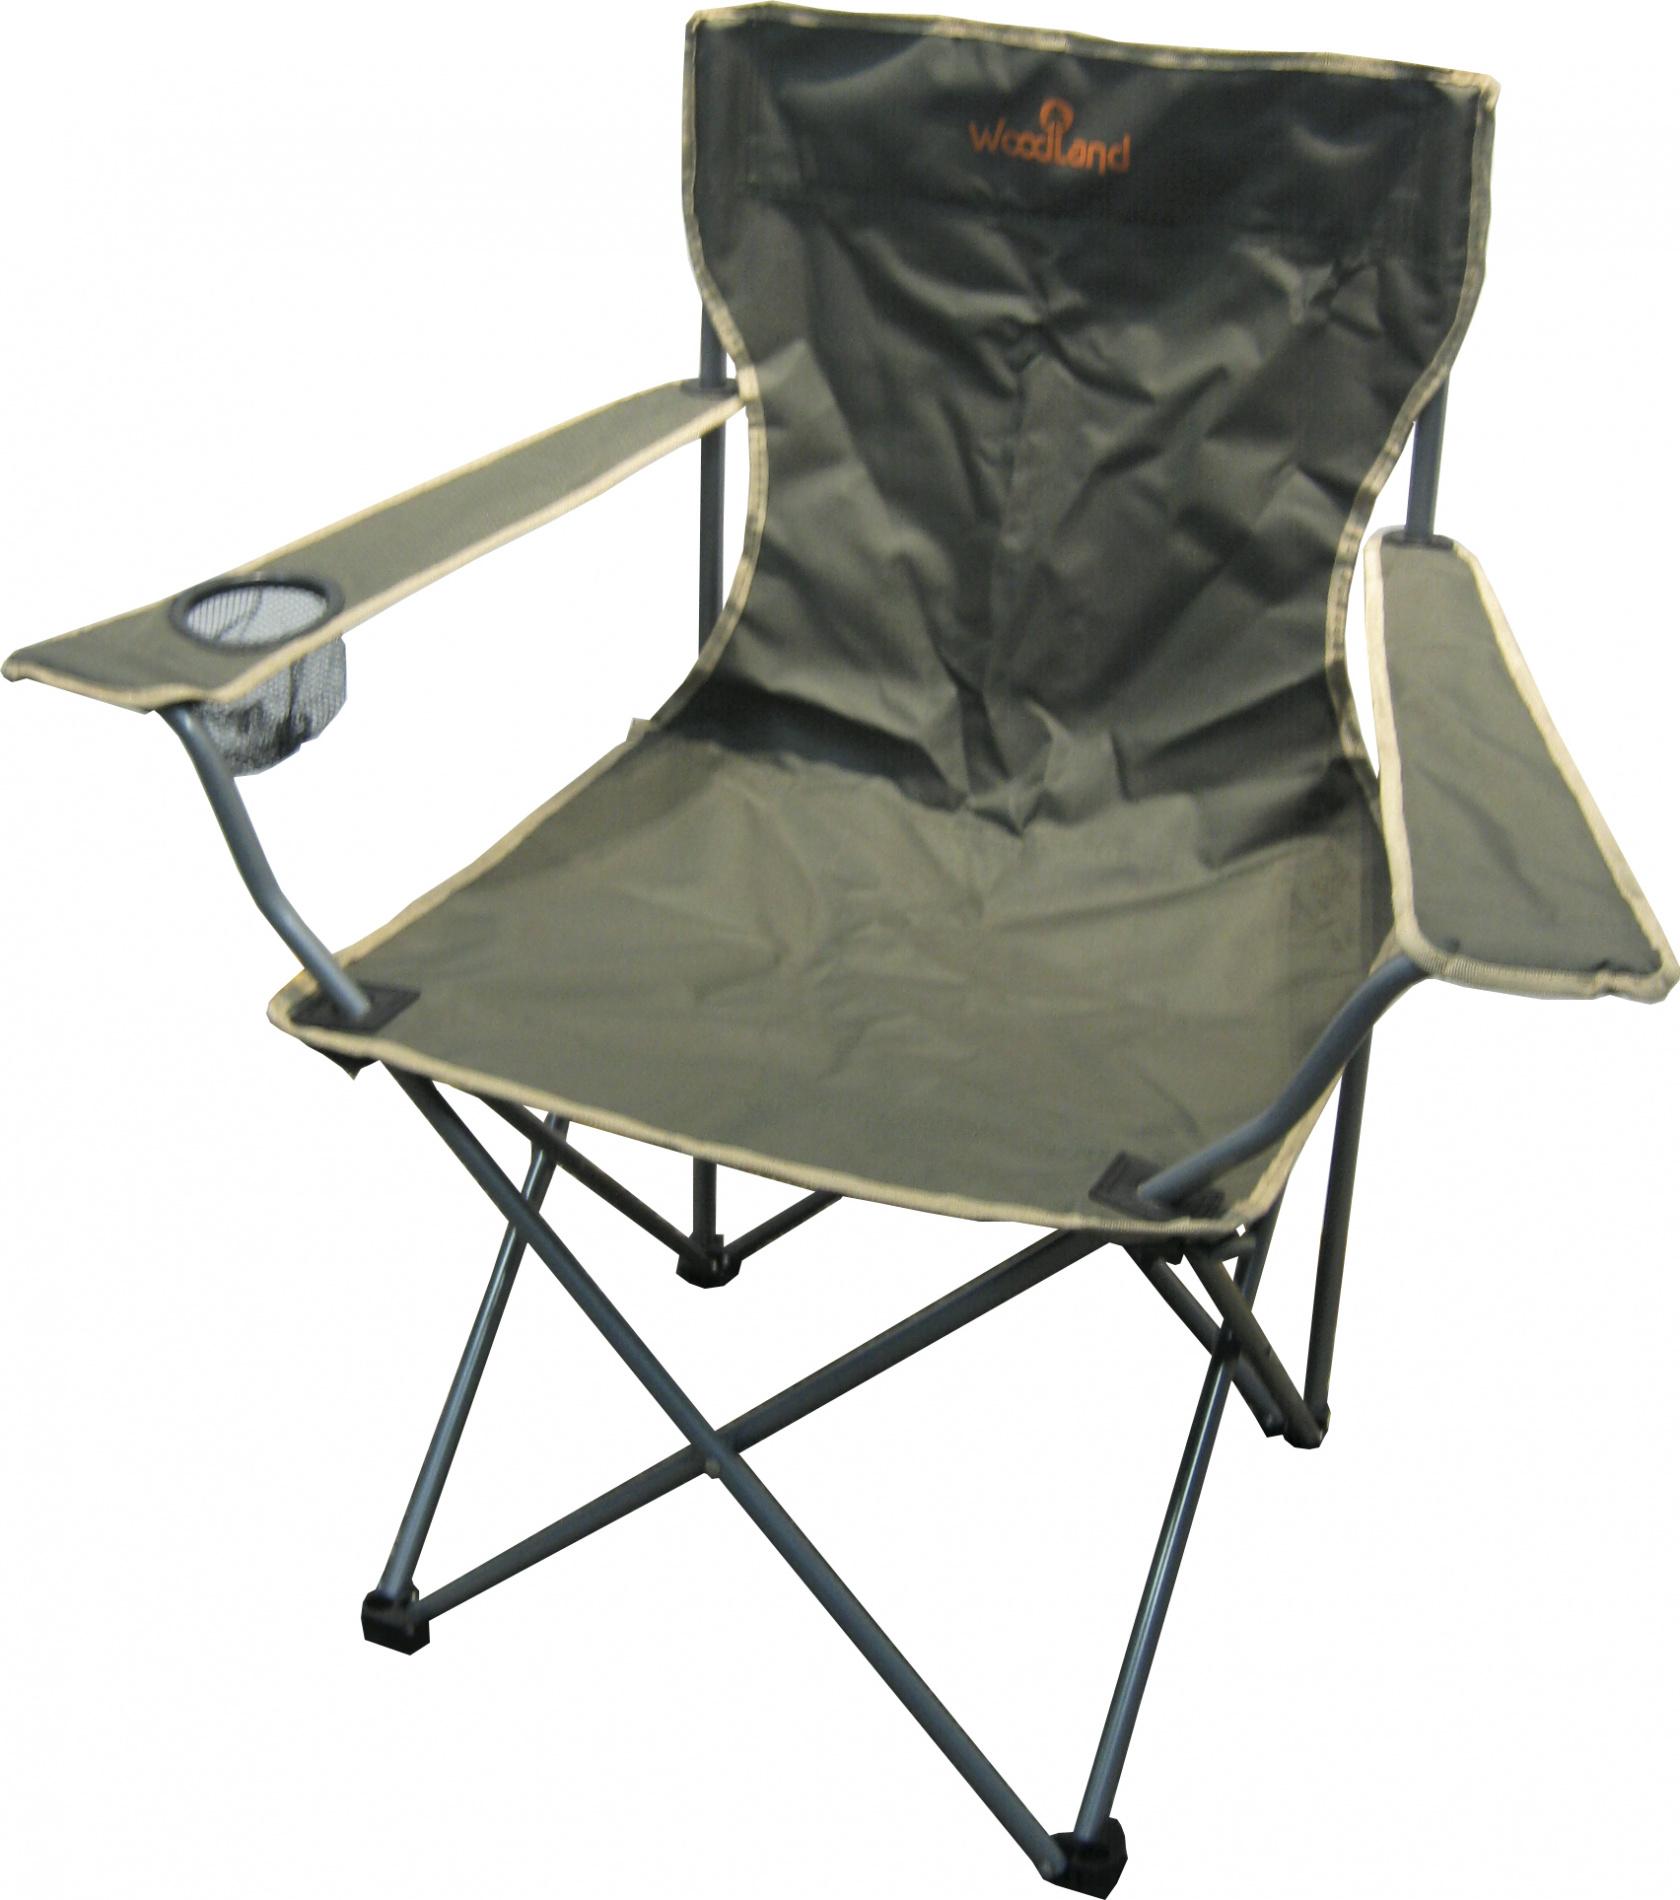 Кресло Woodland Holiday, складное, кемпинговое, Стулья, кресла<br>МОДЕЛЬ: Holiday МАТЕРИАЛЫ: Сталь ? 16 мм. Oxford <br>600D РАЗМЕР: 52 х 52 х 89 см. ВЕС: 2,2 кг. Компактная <br>складная конструкция. Прочный стальной <br>каркас, диметром 16 мм, с покрытием. Водоотталкивающее <br>ПВХ покрытие ткани Oxford 600D. Максимально допустимая <br>нагрузка 120 кг.<br>